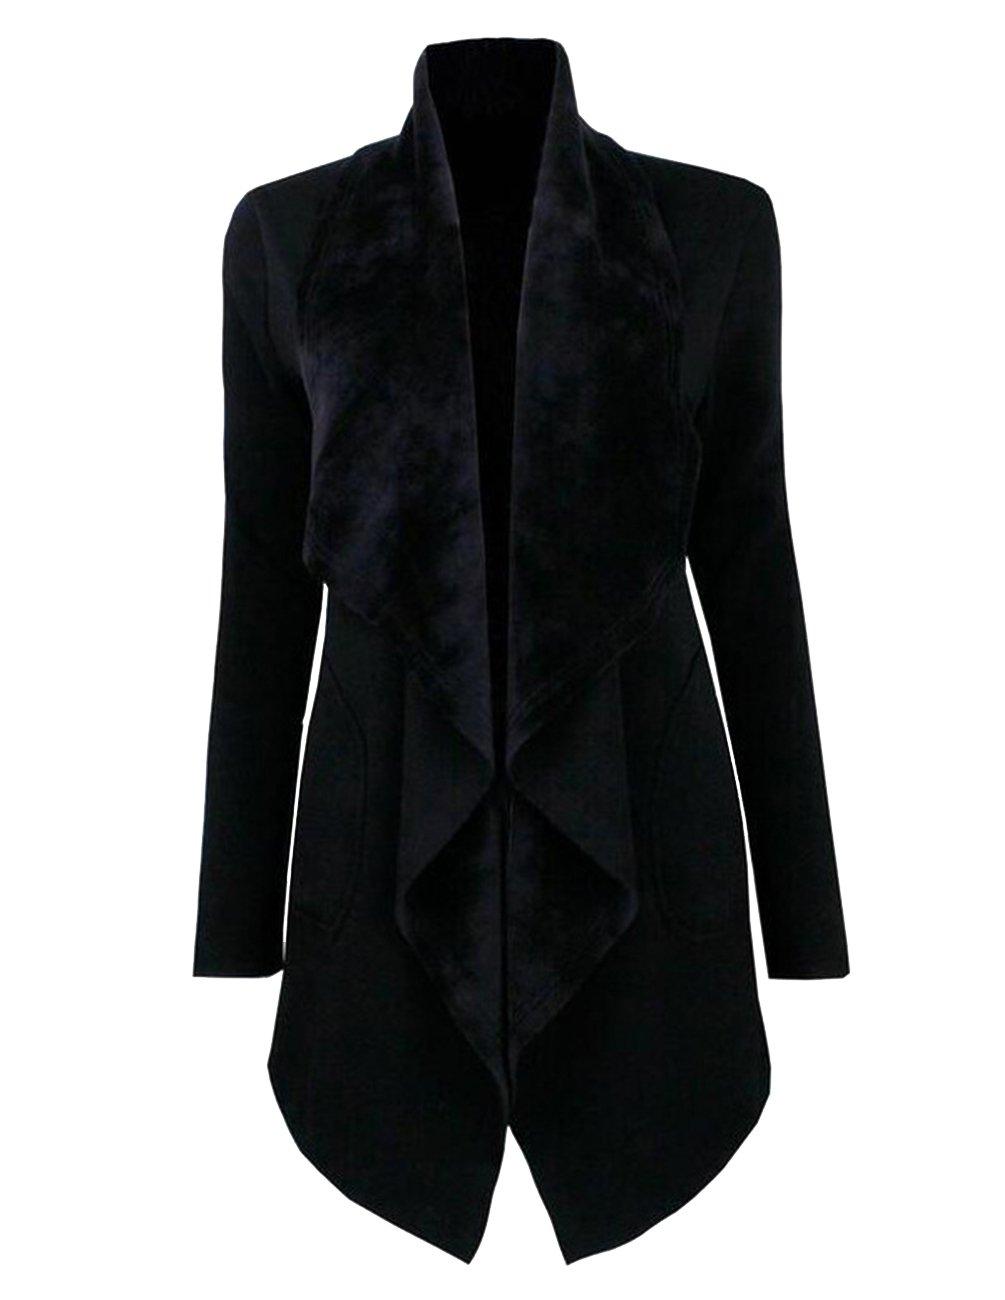 joyliveCY Womens Long Sleeve Cardigan Open Front Outwear Drap Tops Lapel Jacket